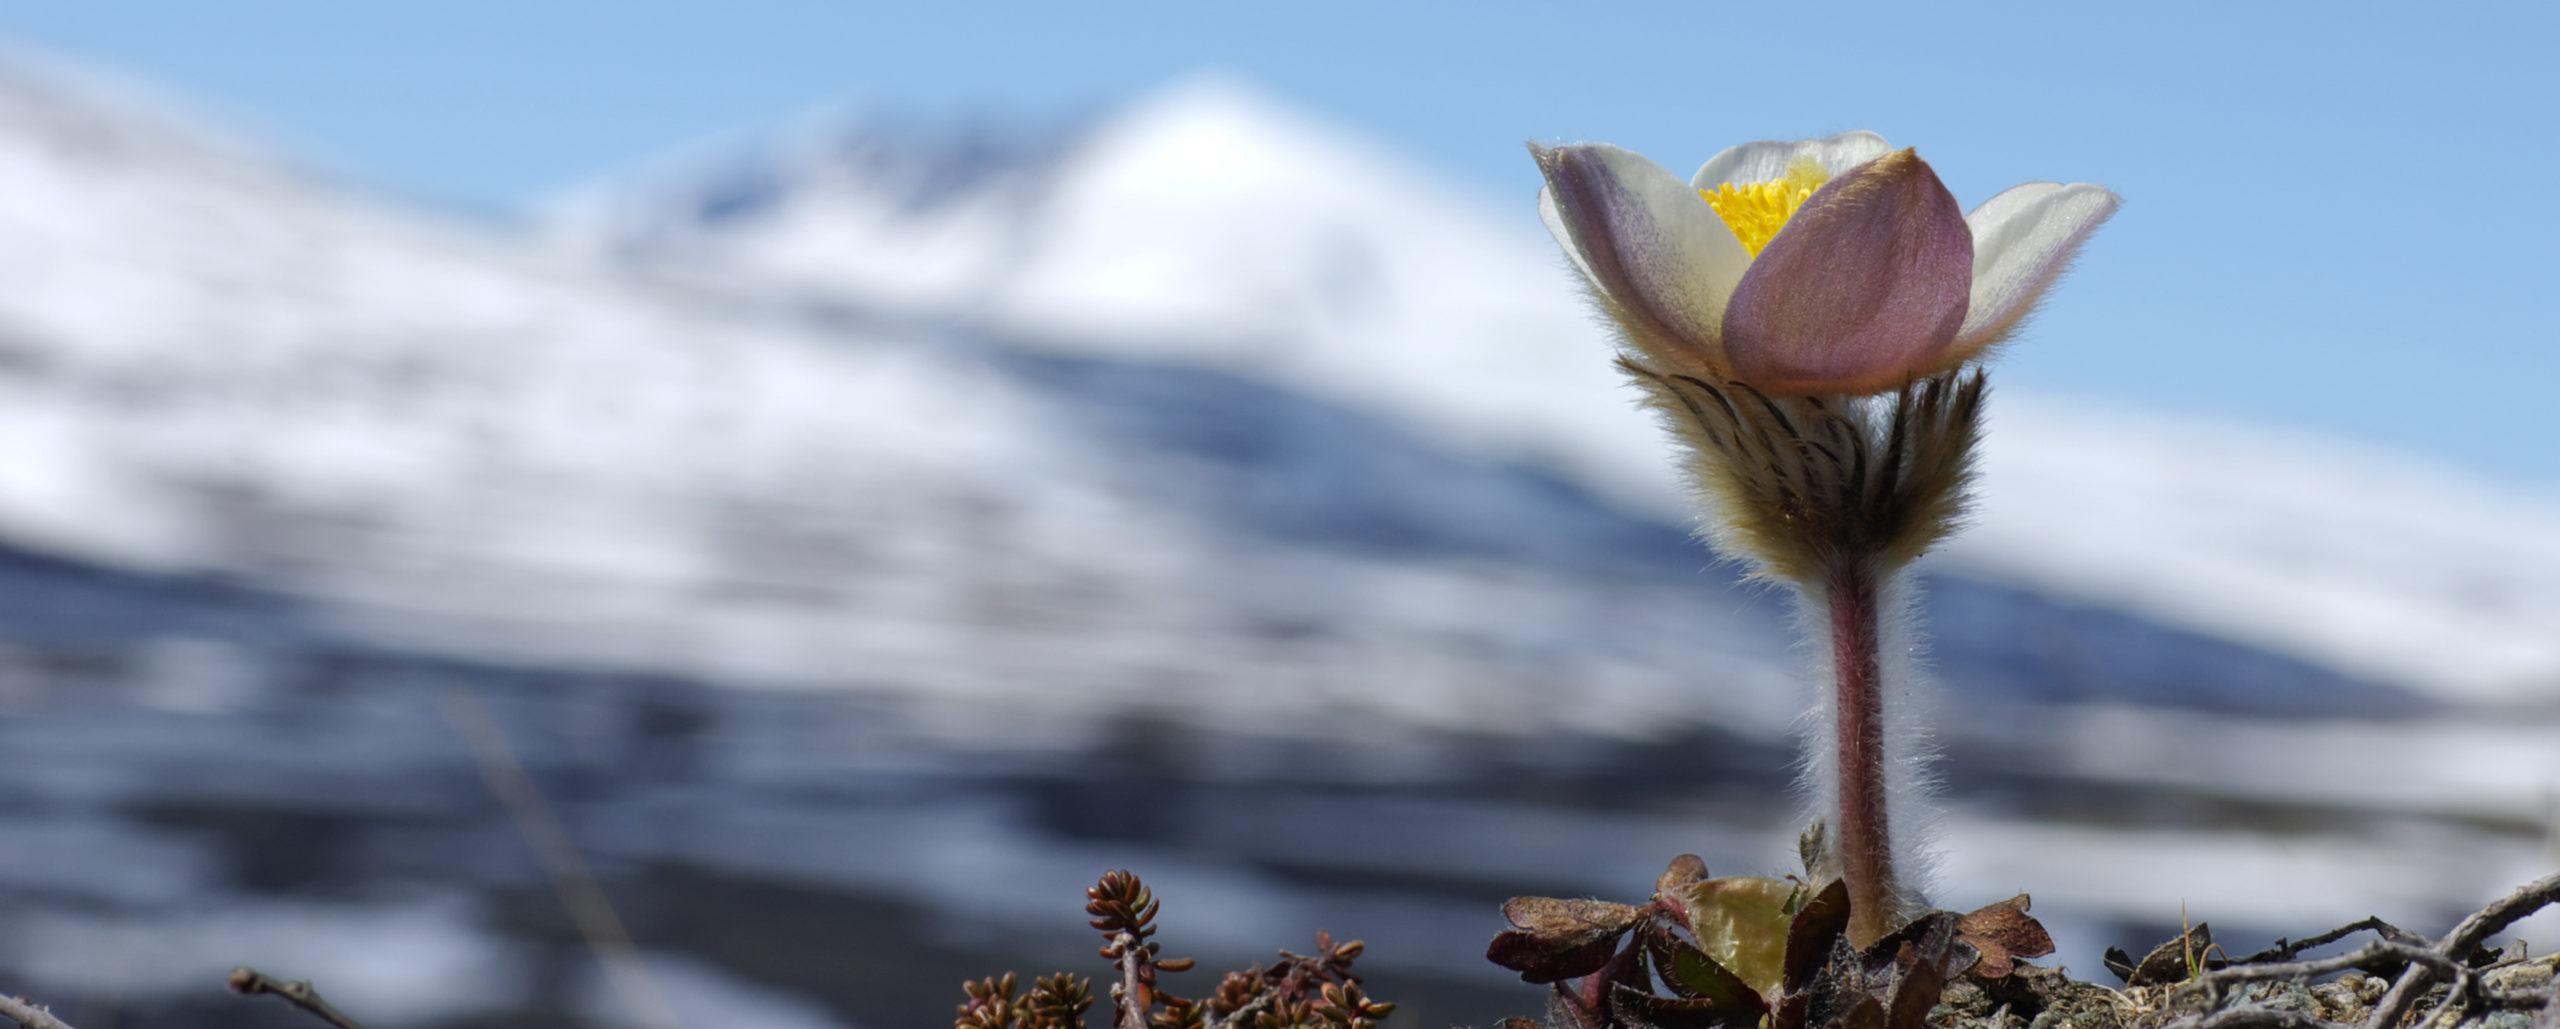 Bilde av blomst med snøhetta i bakgrunnen - Snøhetta Terapi